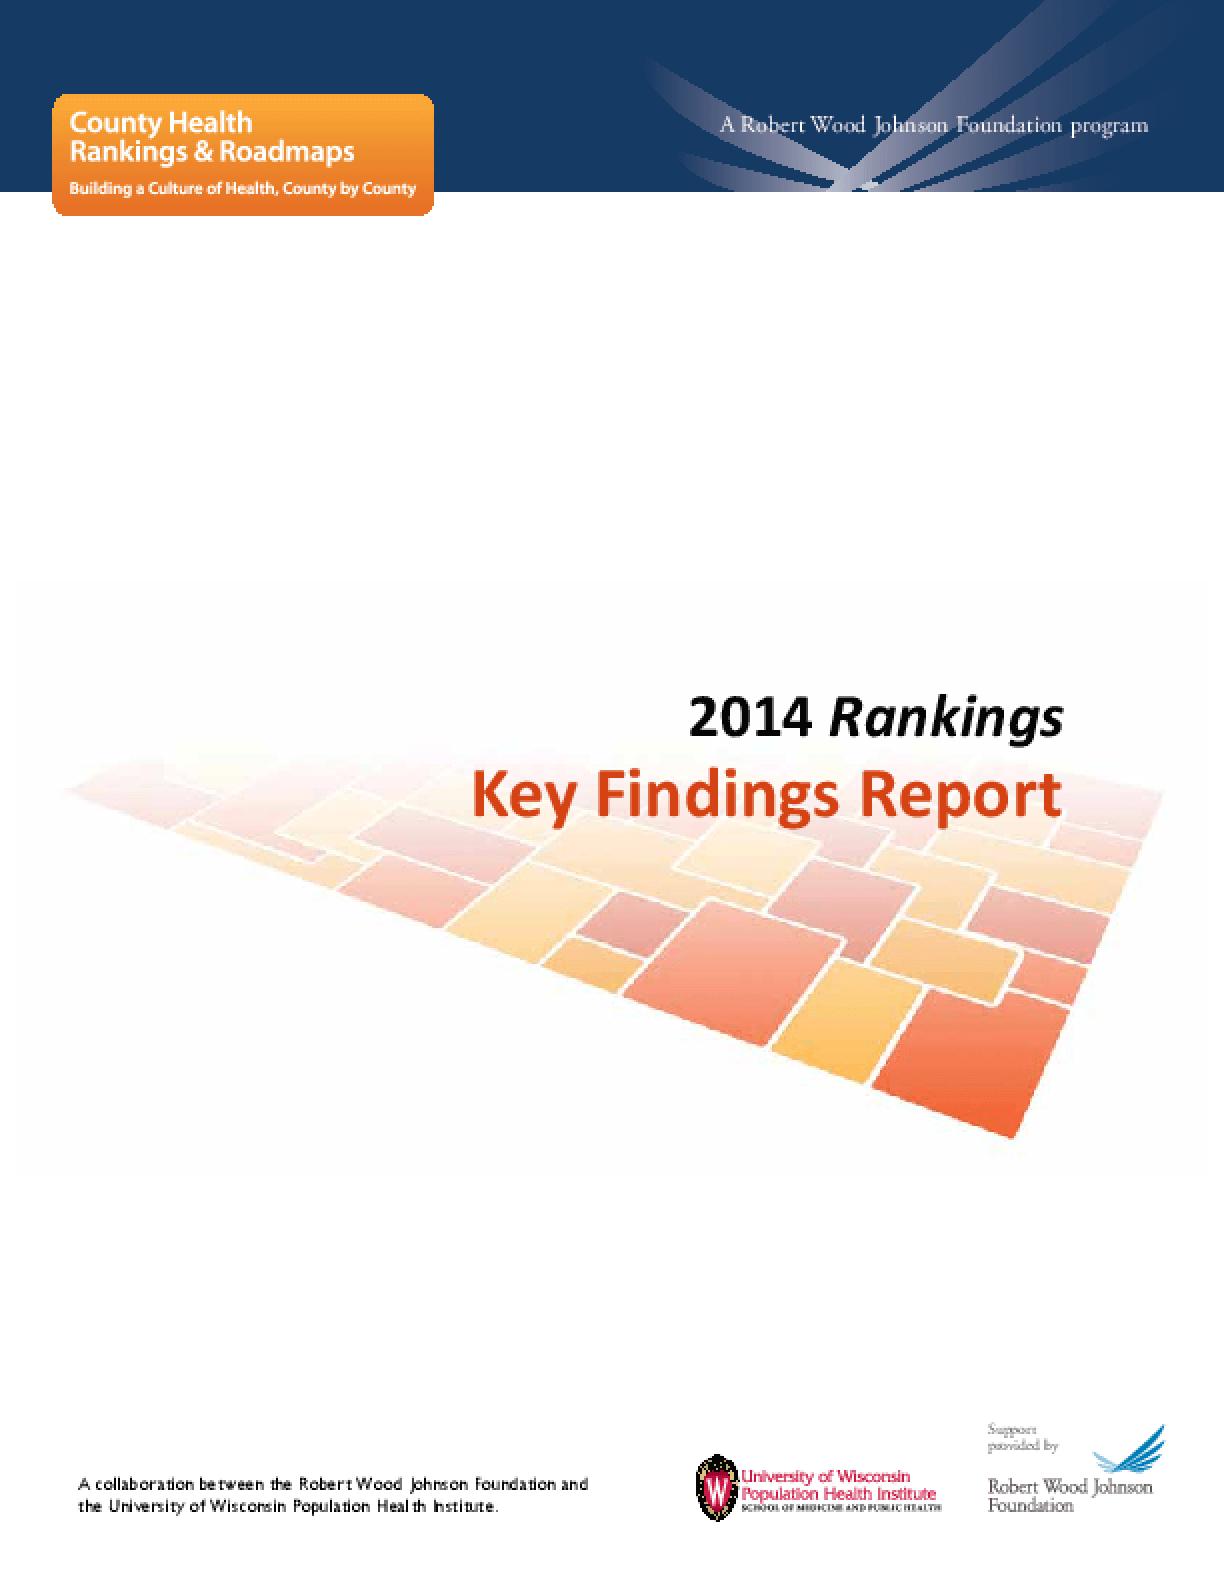 2014 Rankings: Key Findings Report